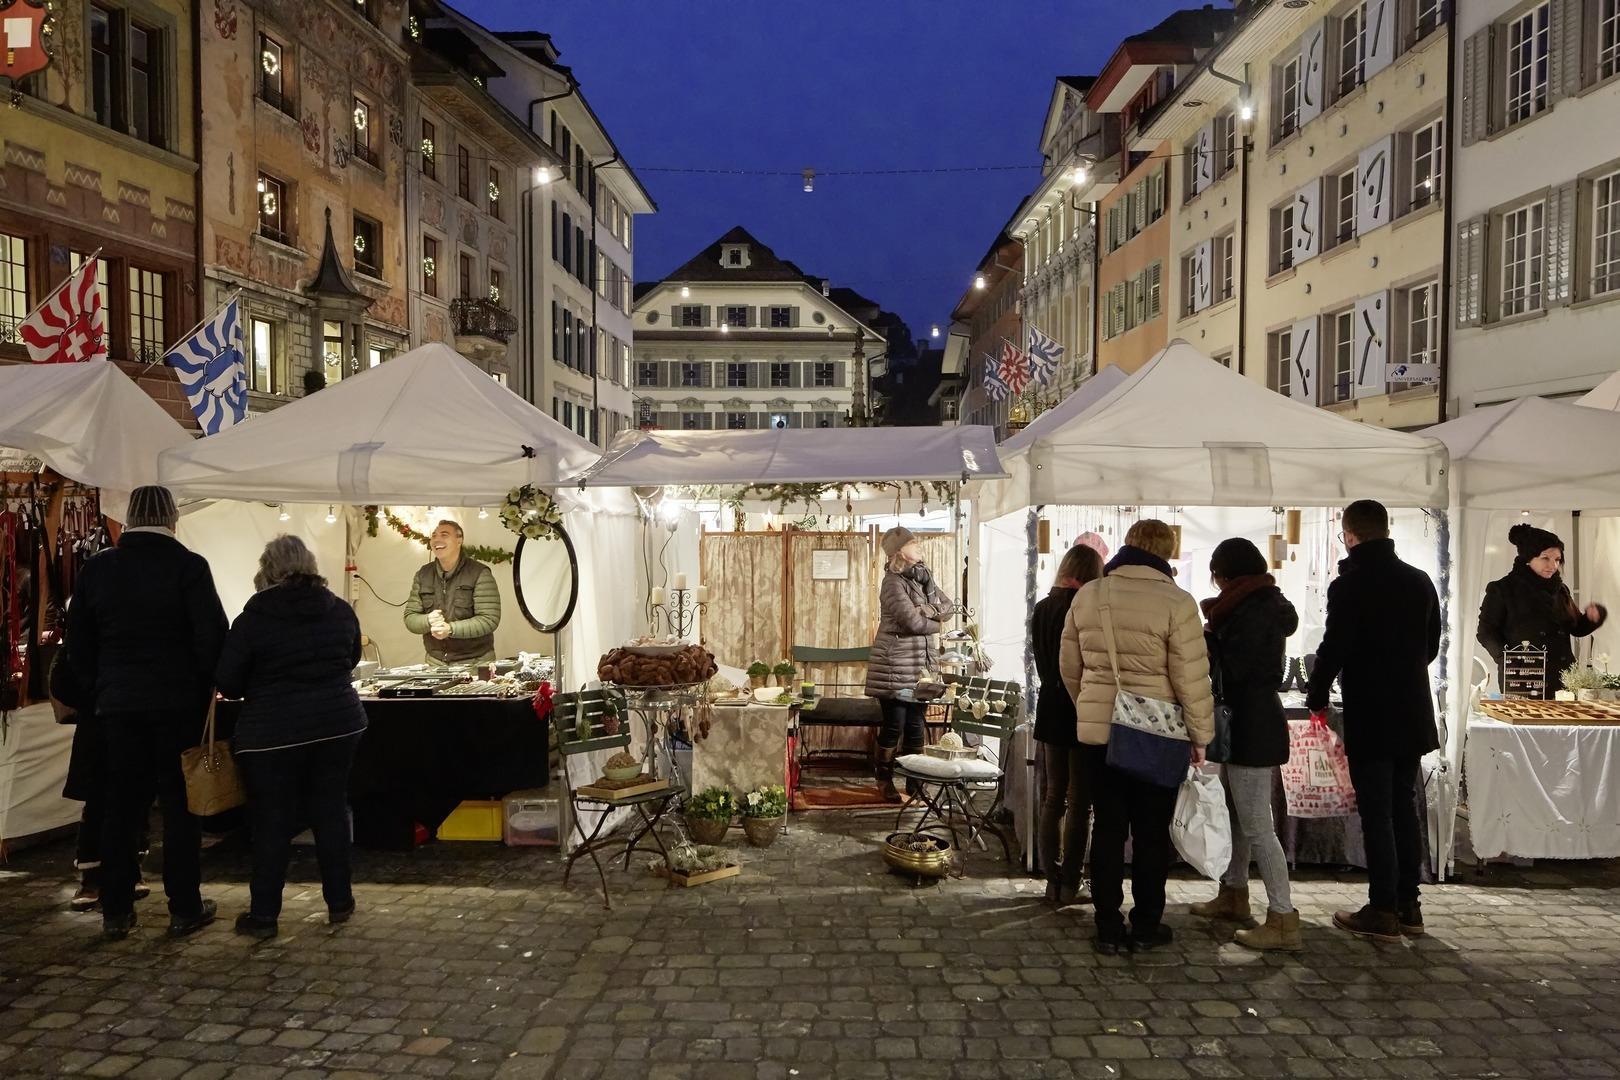 سويسرا لوسيرن اجمل اماكن التسوق والمطاعم سوق الحرف